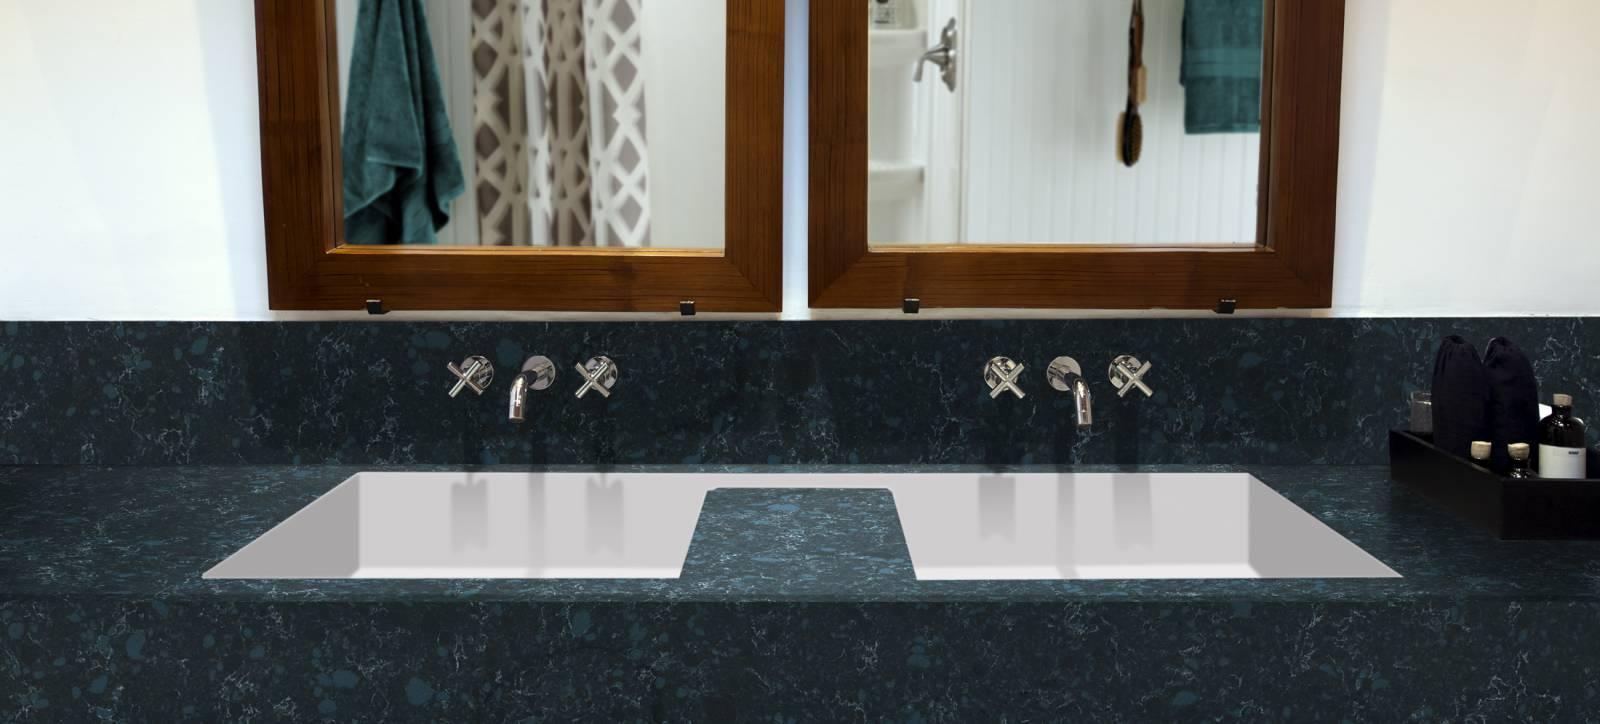 Sinks Corian 174 Quartz